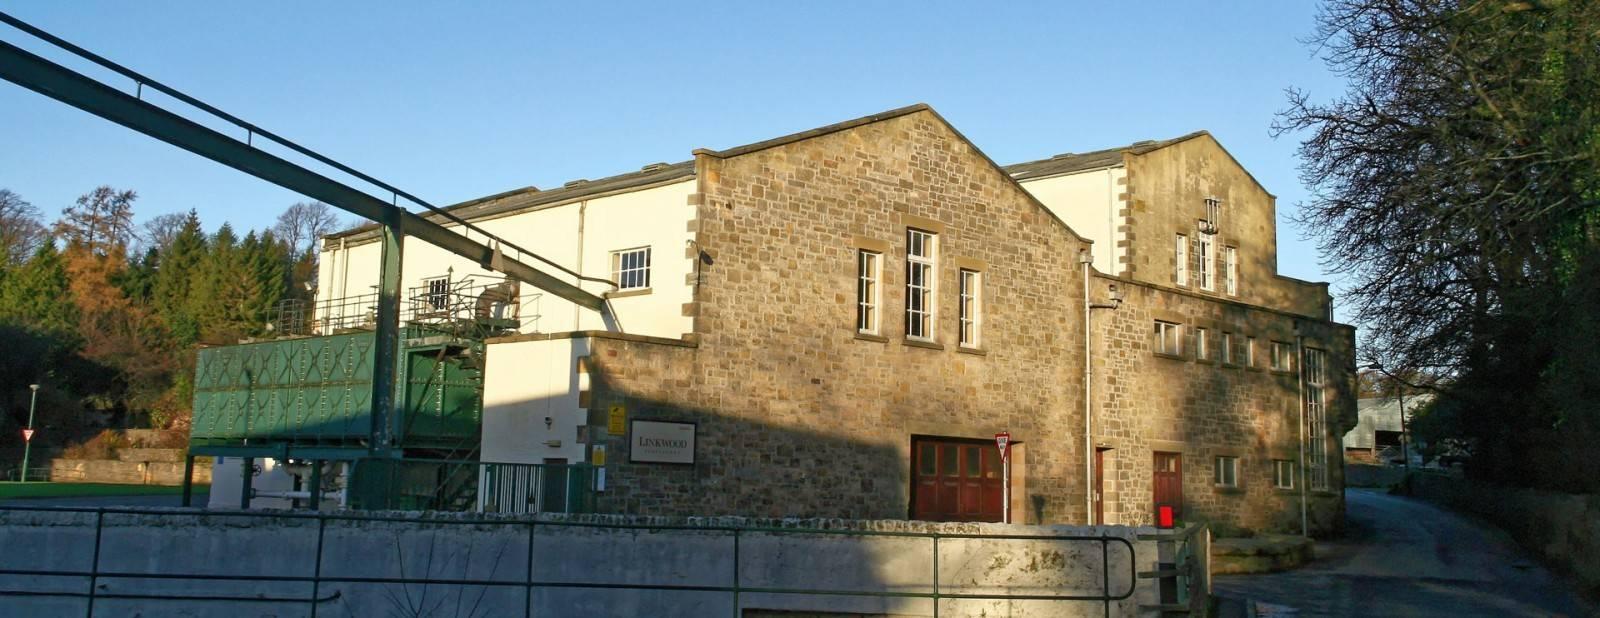 Linkwood Mashhouse